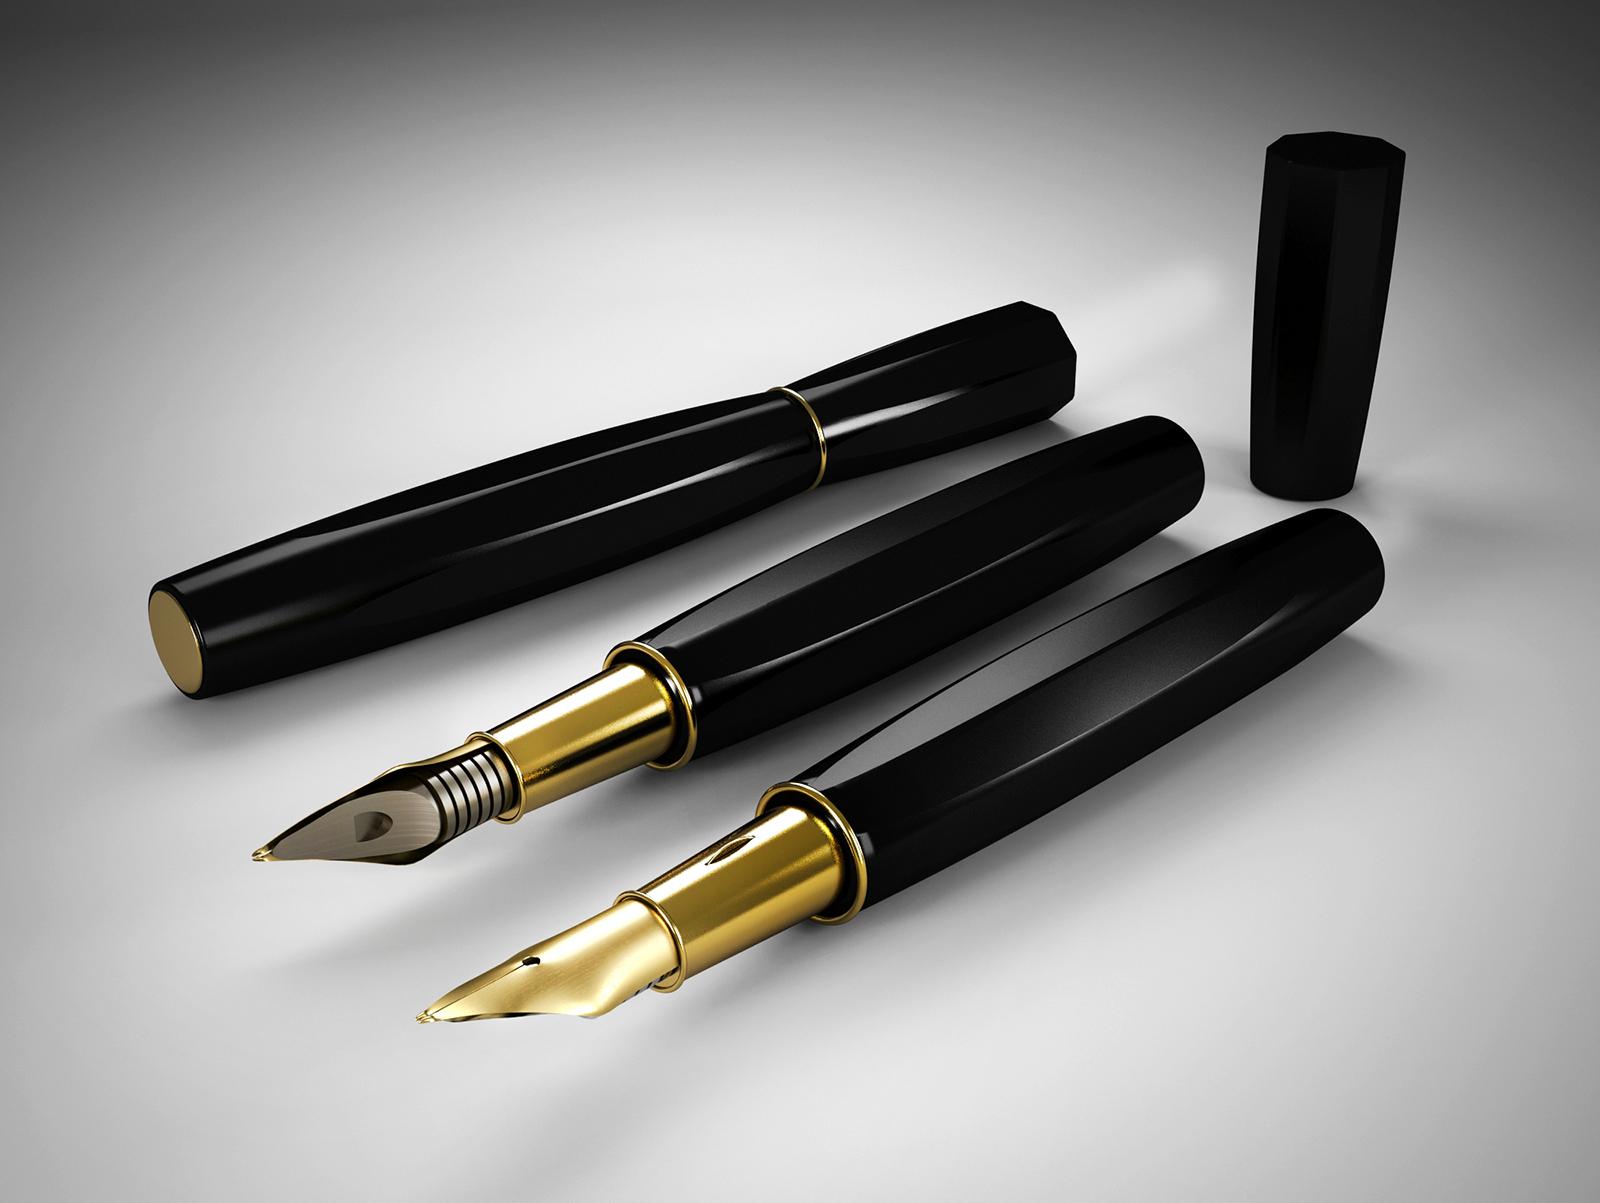 3D Pen Render-0